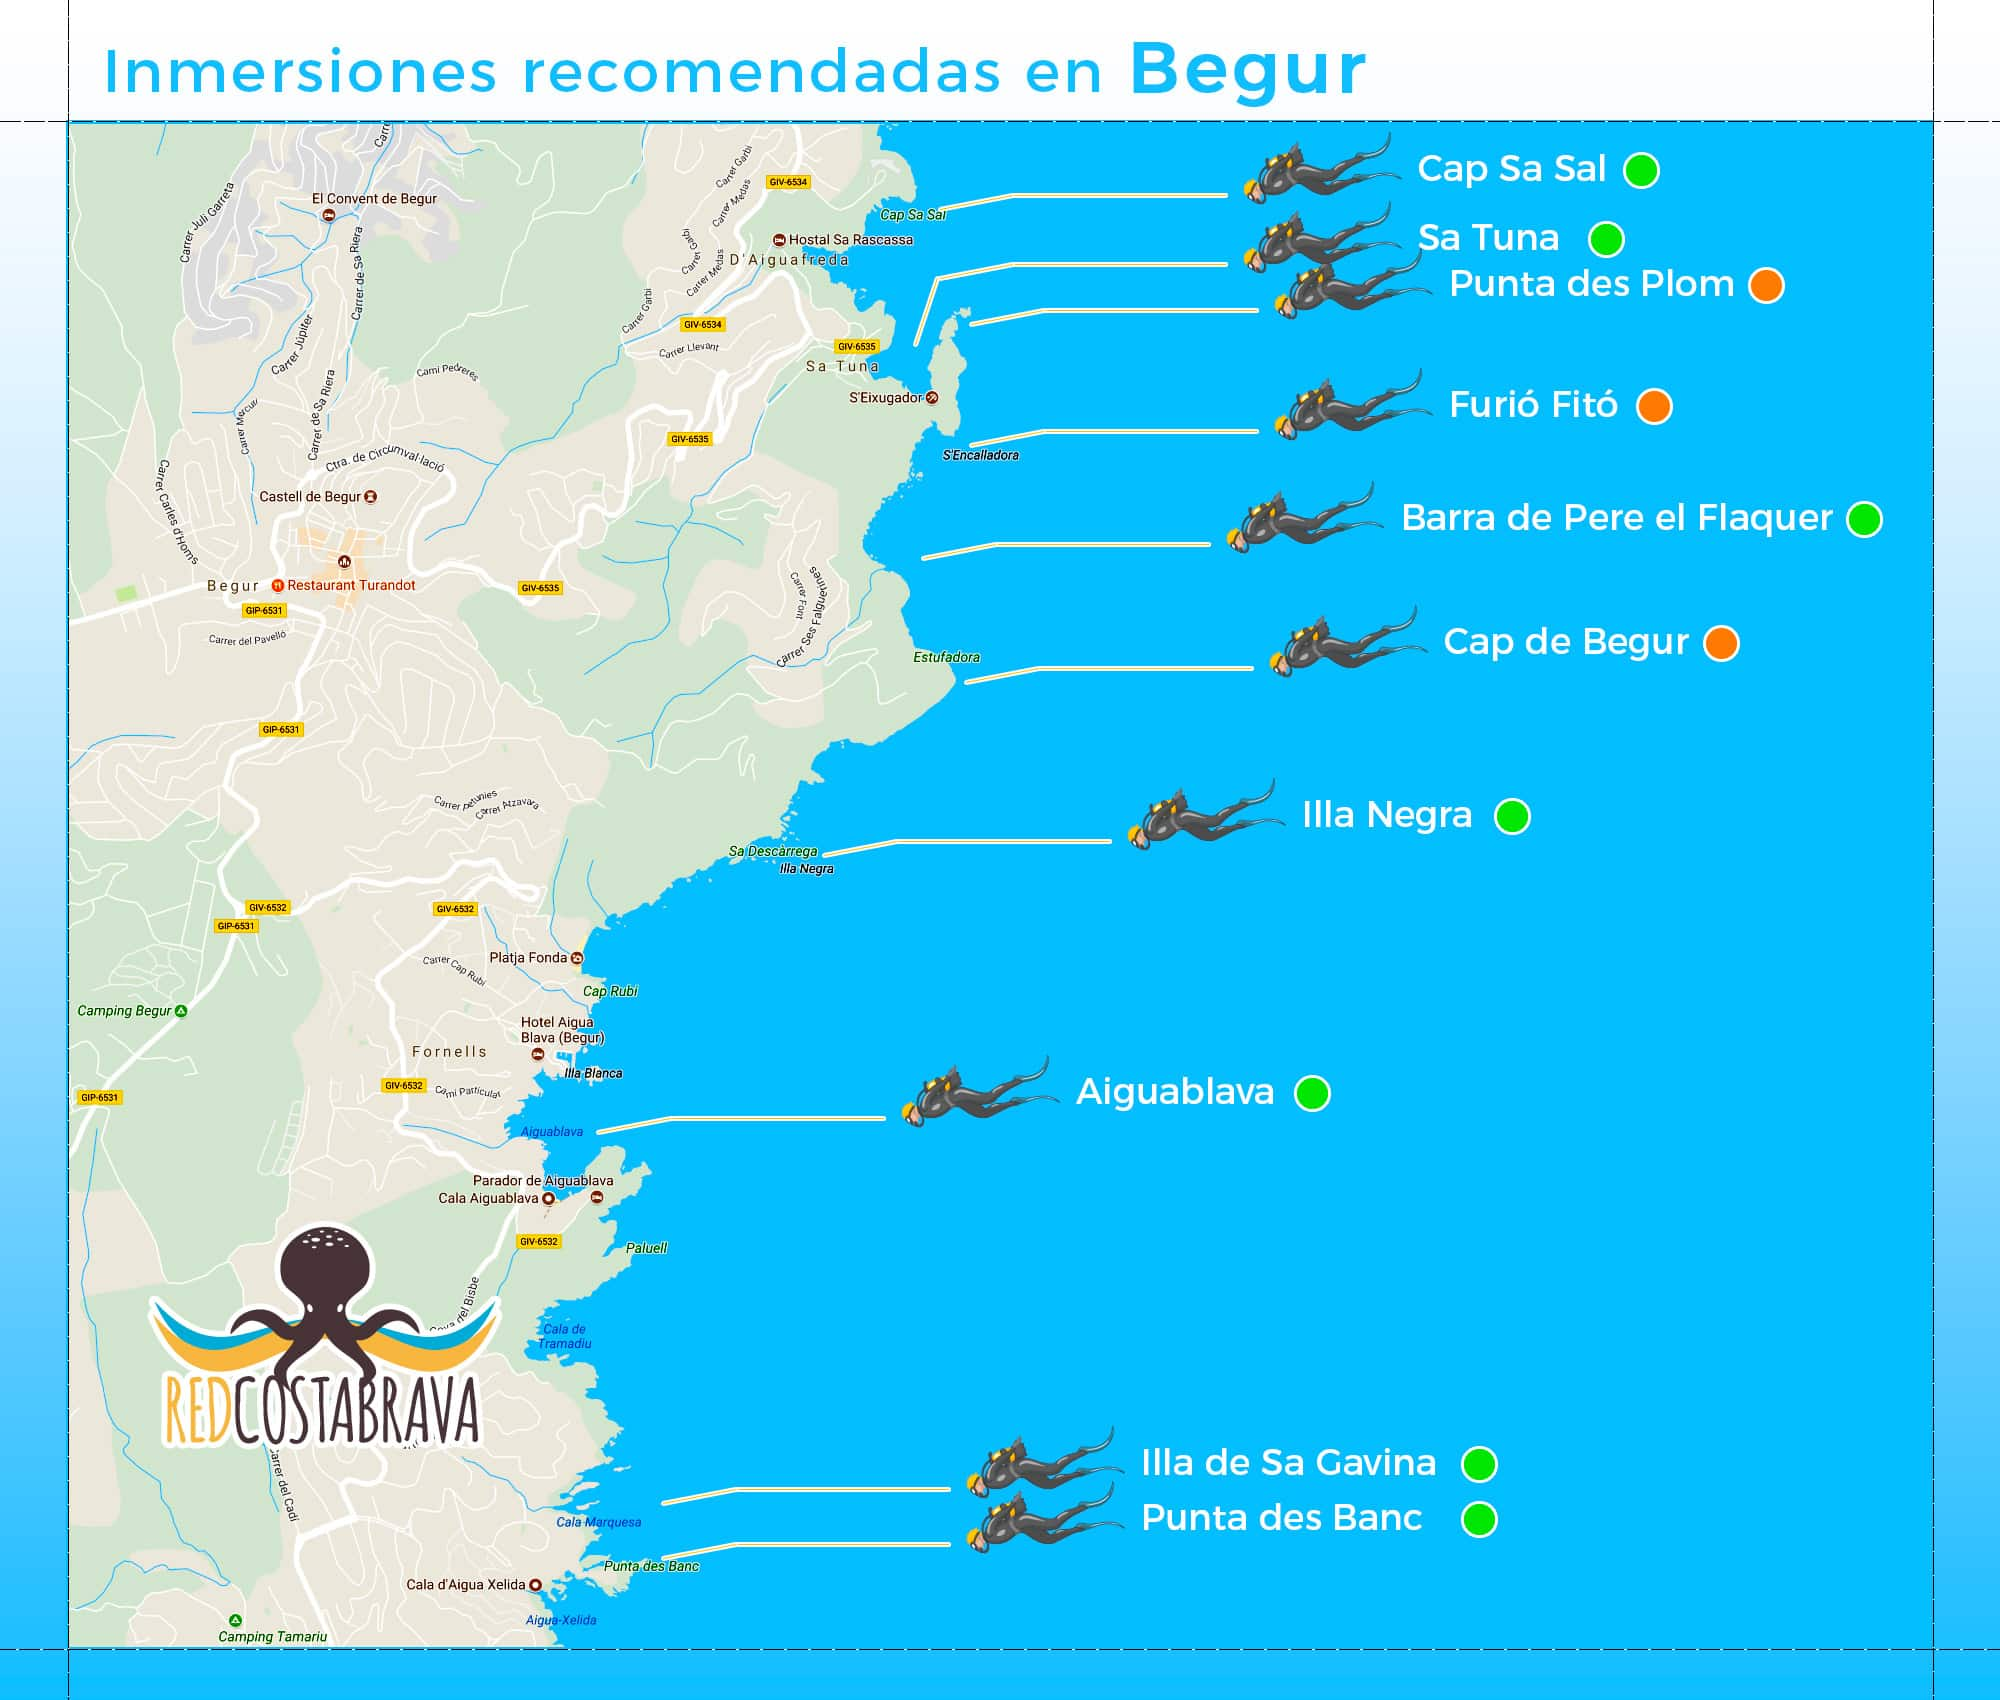 mapa de inmersiones de buceo recomendadas en Begur